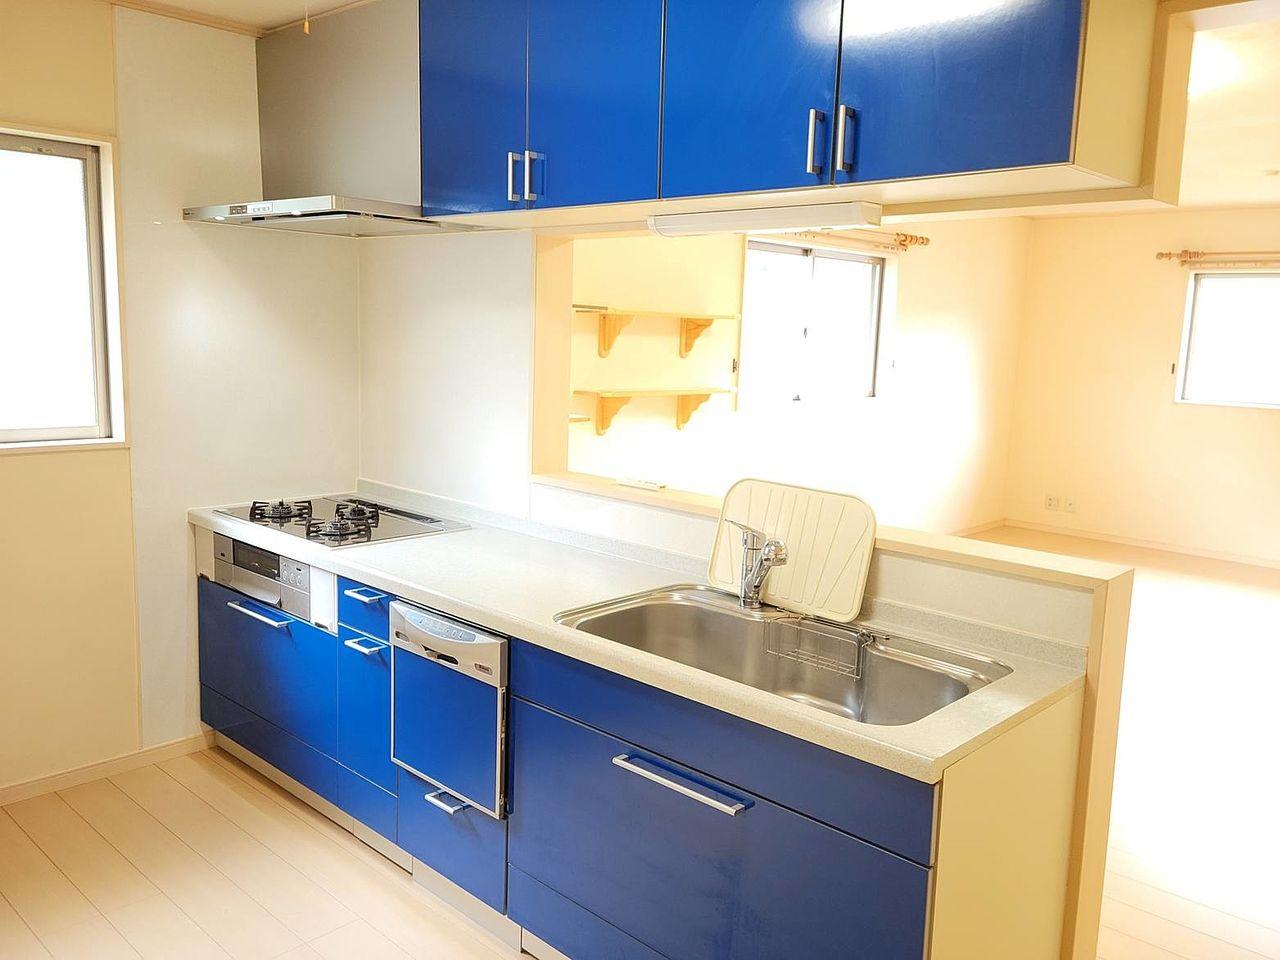 使いやすいシステムキッチンです。食洗機や浄水器も付いています。対面なので調理をしながらでも家族との会話を楽しめます。